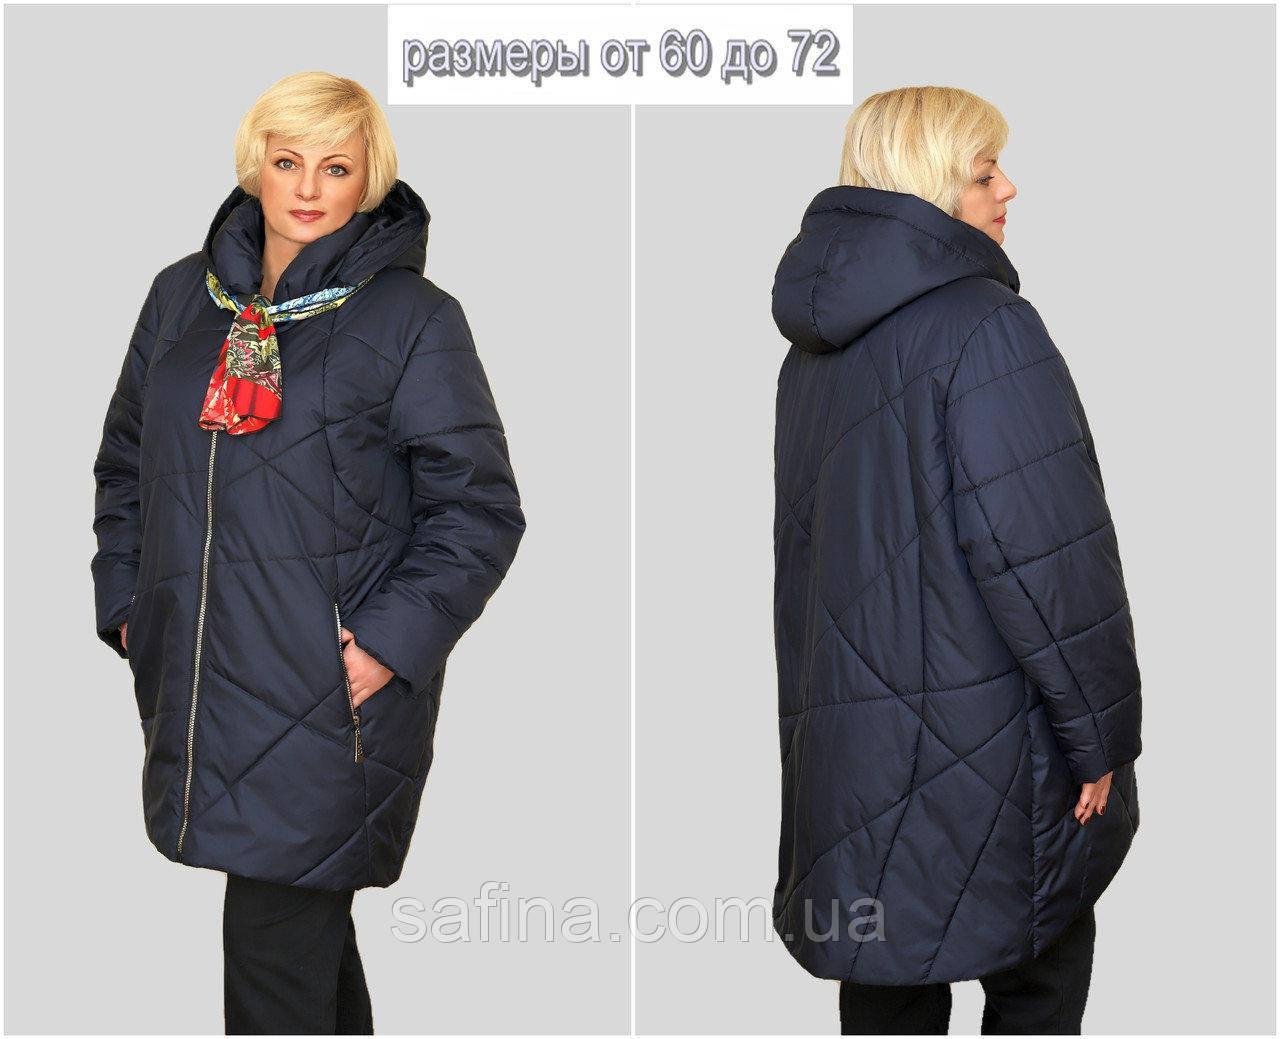 Стильная женская куртка супербатал до 72 размера